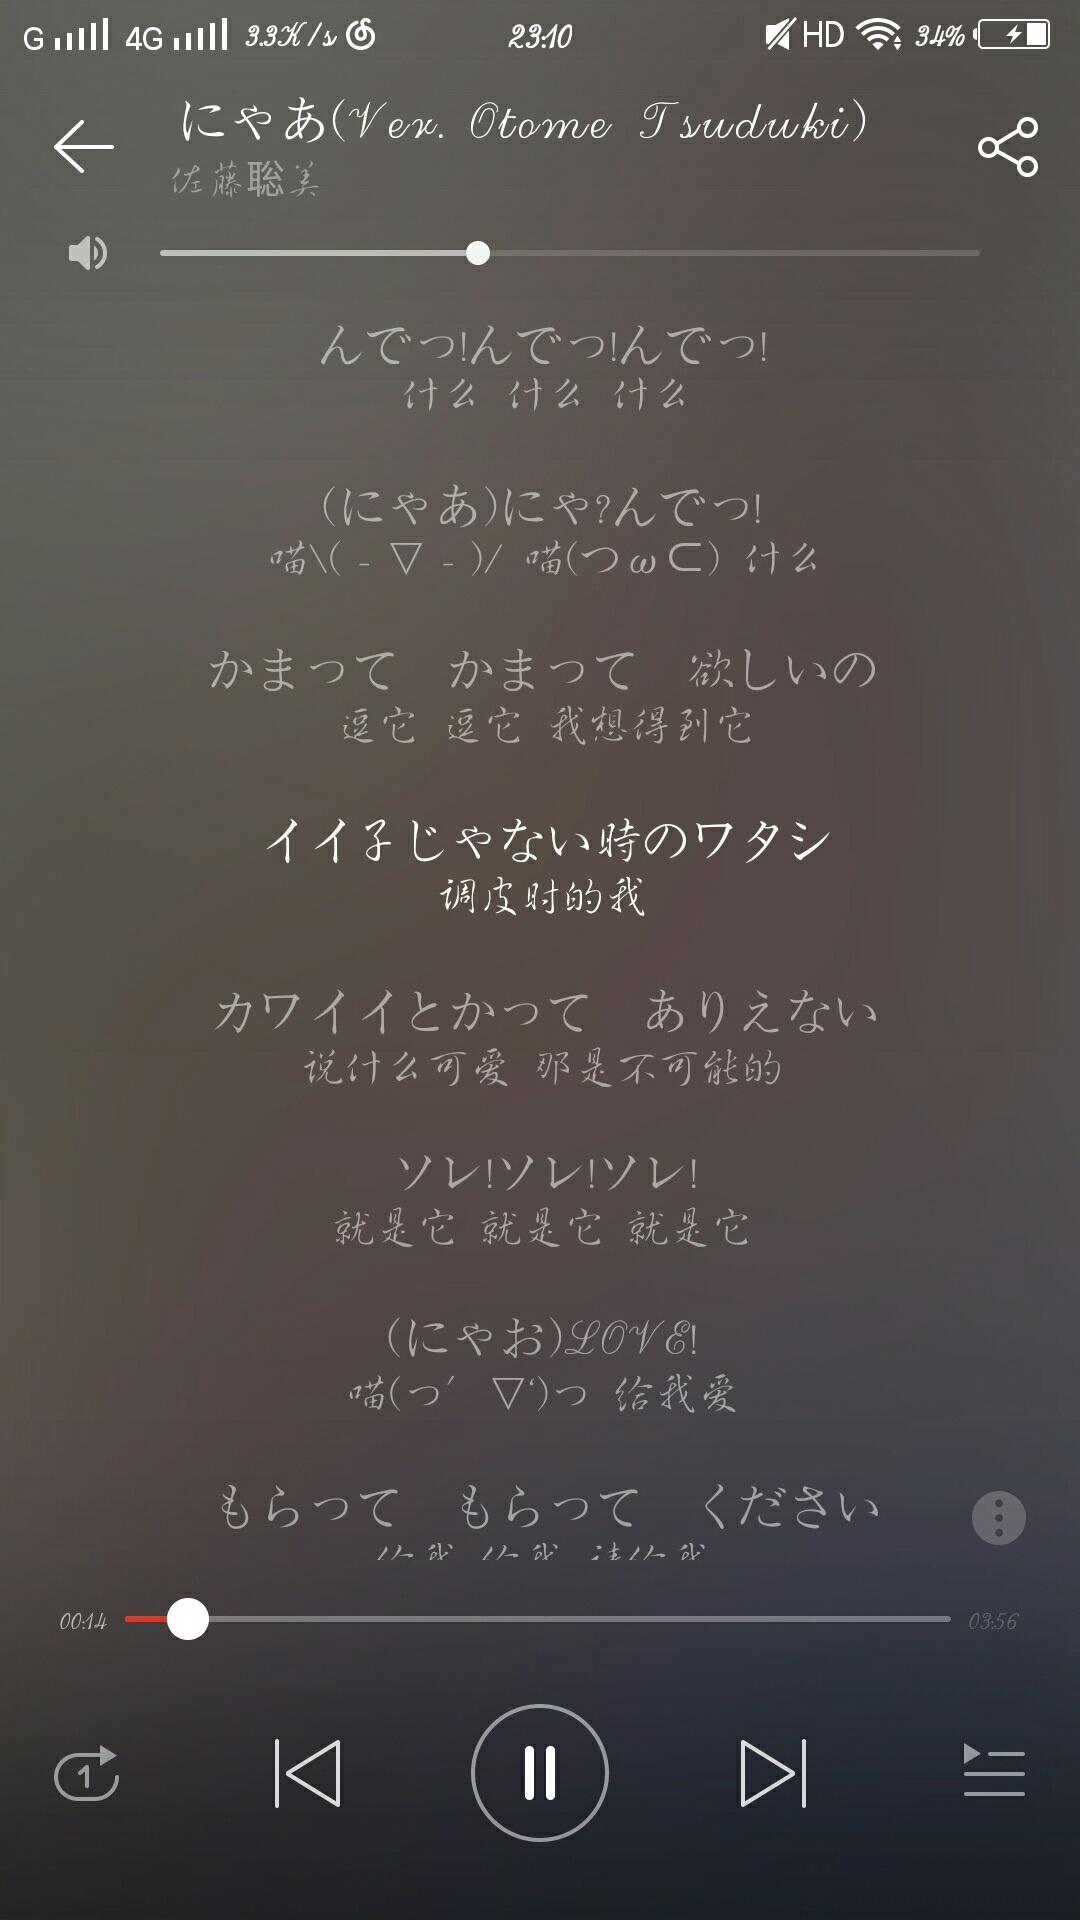 【音乐推荐】迷途猫ヾ(@^▽^@)ノ